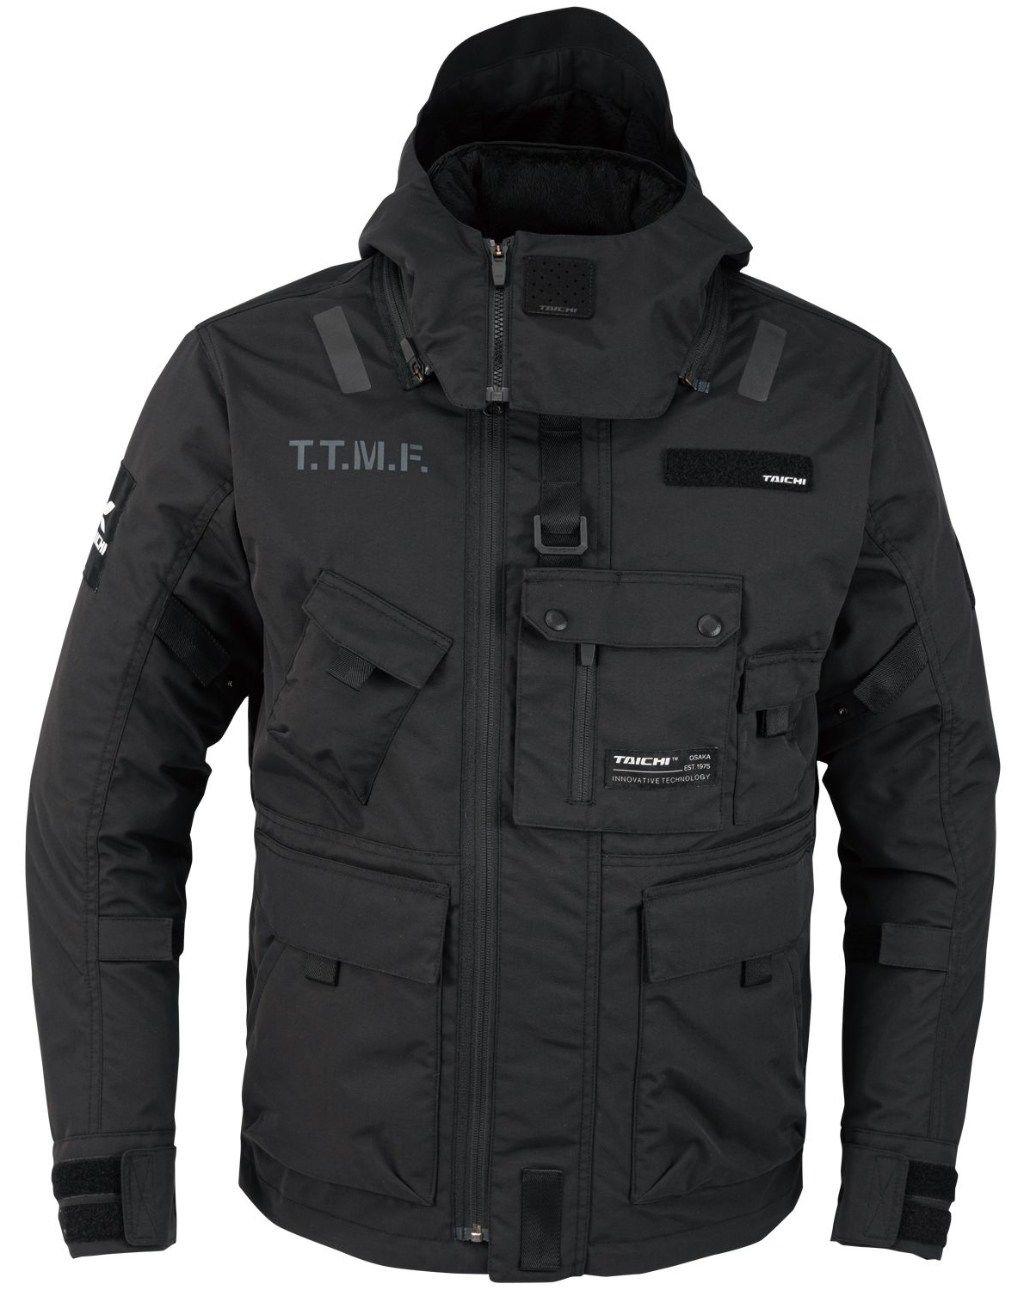 RS TAICHIアールエスタイチ オールシーズンジャケット RSJ726 公式通販 モンスター アールエスタイチ TAICHI サイズ:L オールシーズンパーカ 限定価格セール